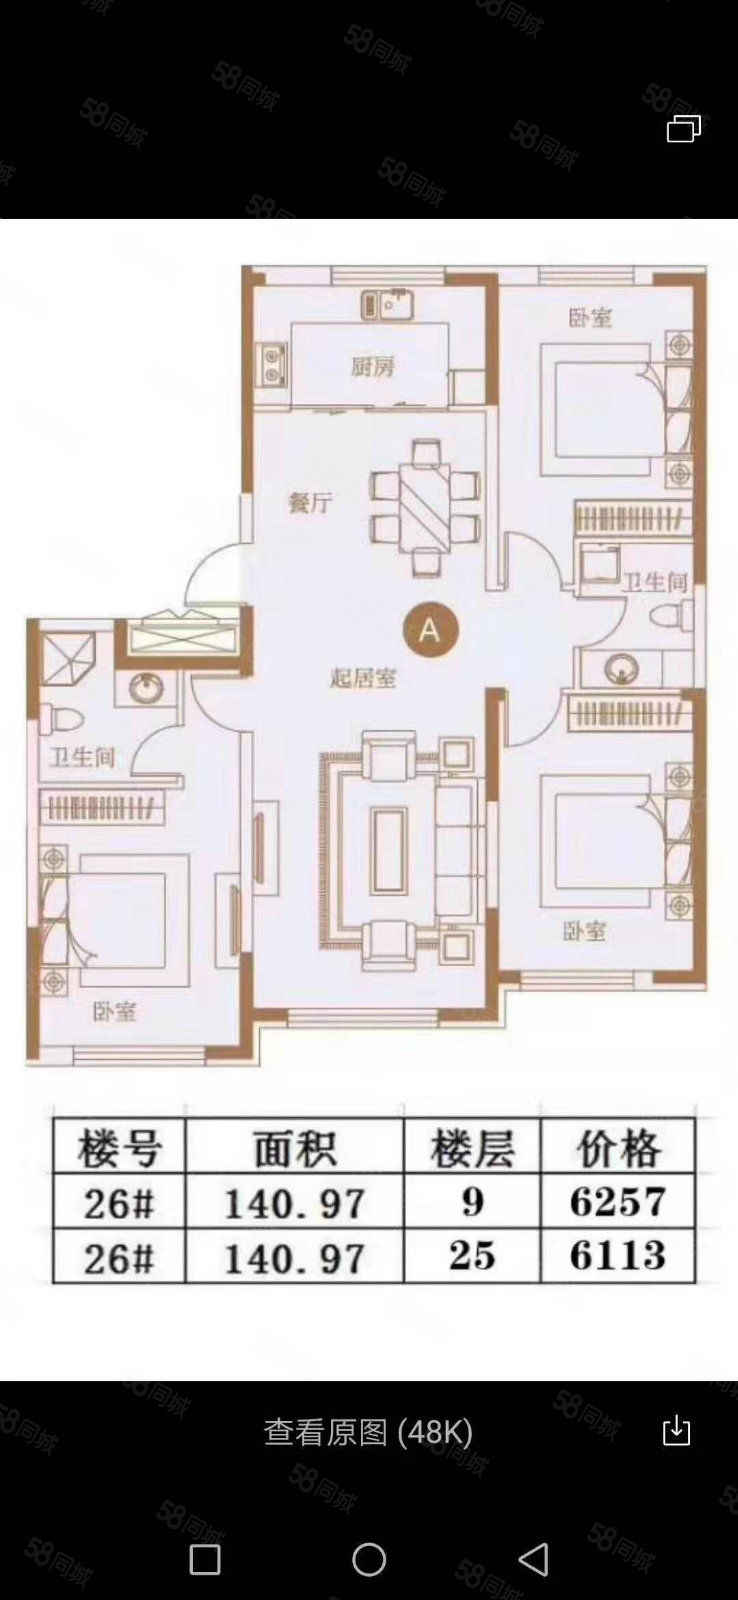 江南大禹城邦江景房一手房能贷款比售楼处便宜要的抓紧户型好